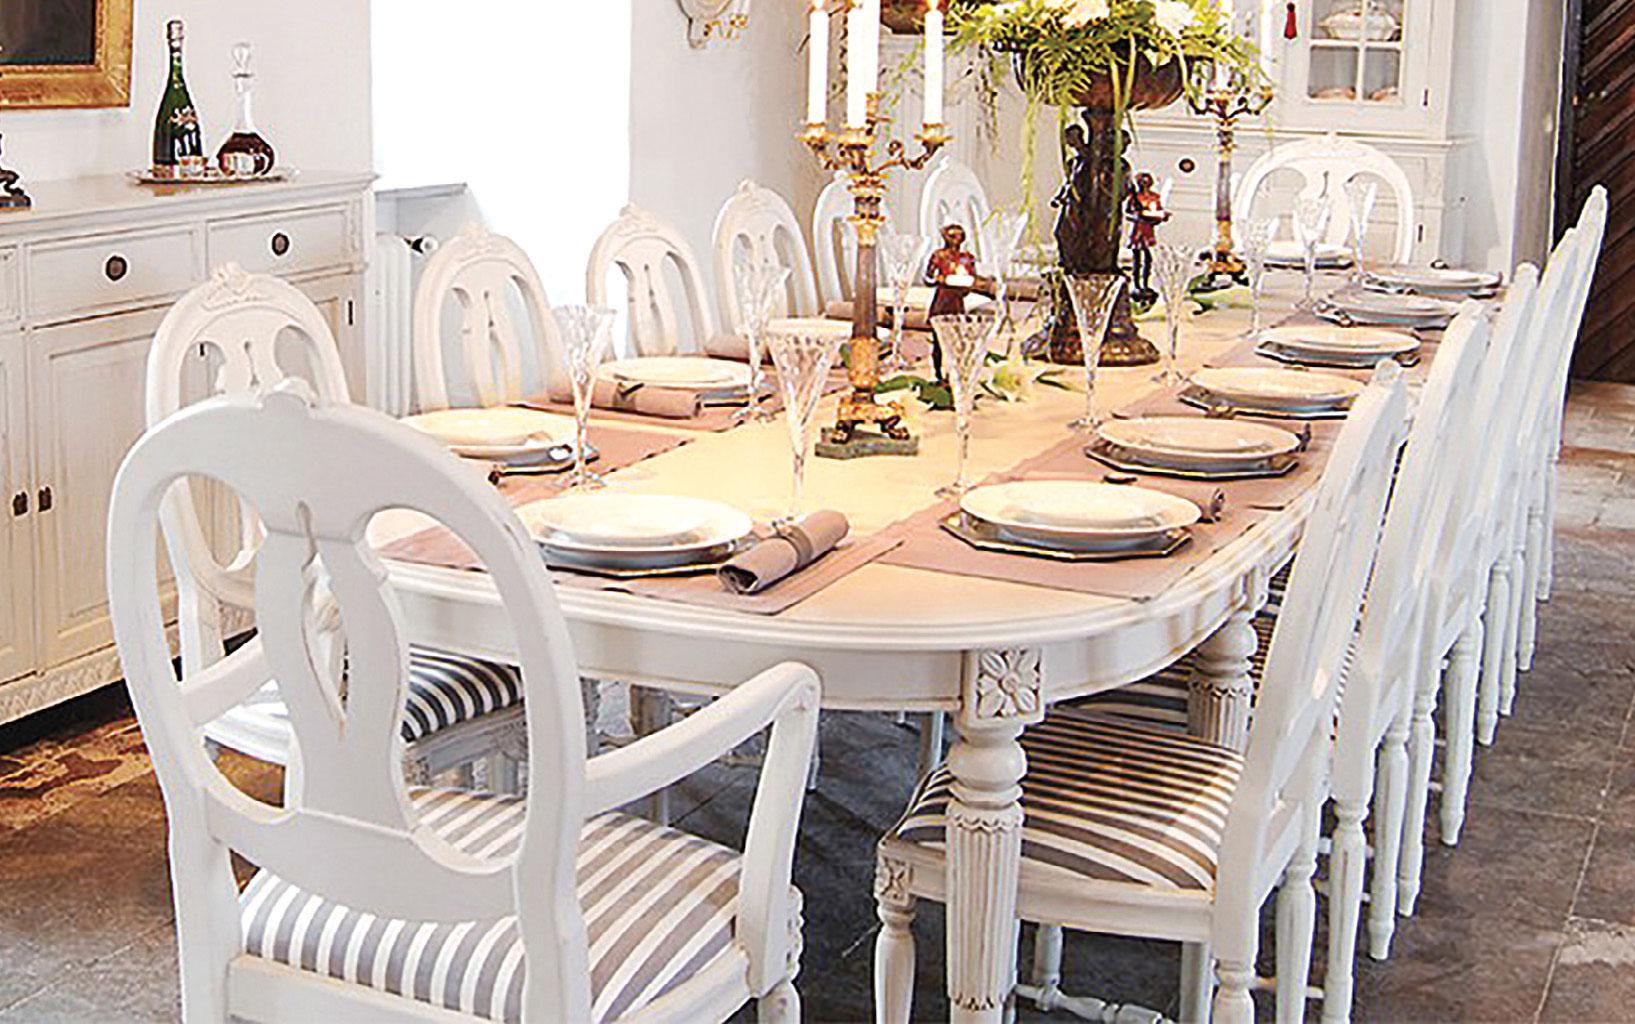 Spisestuen Rosen - middag for 14